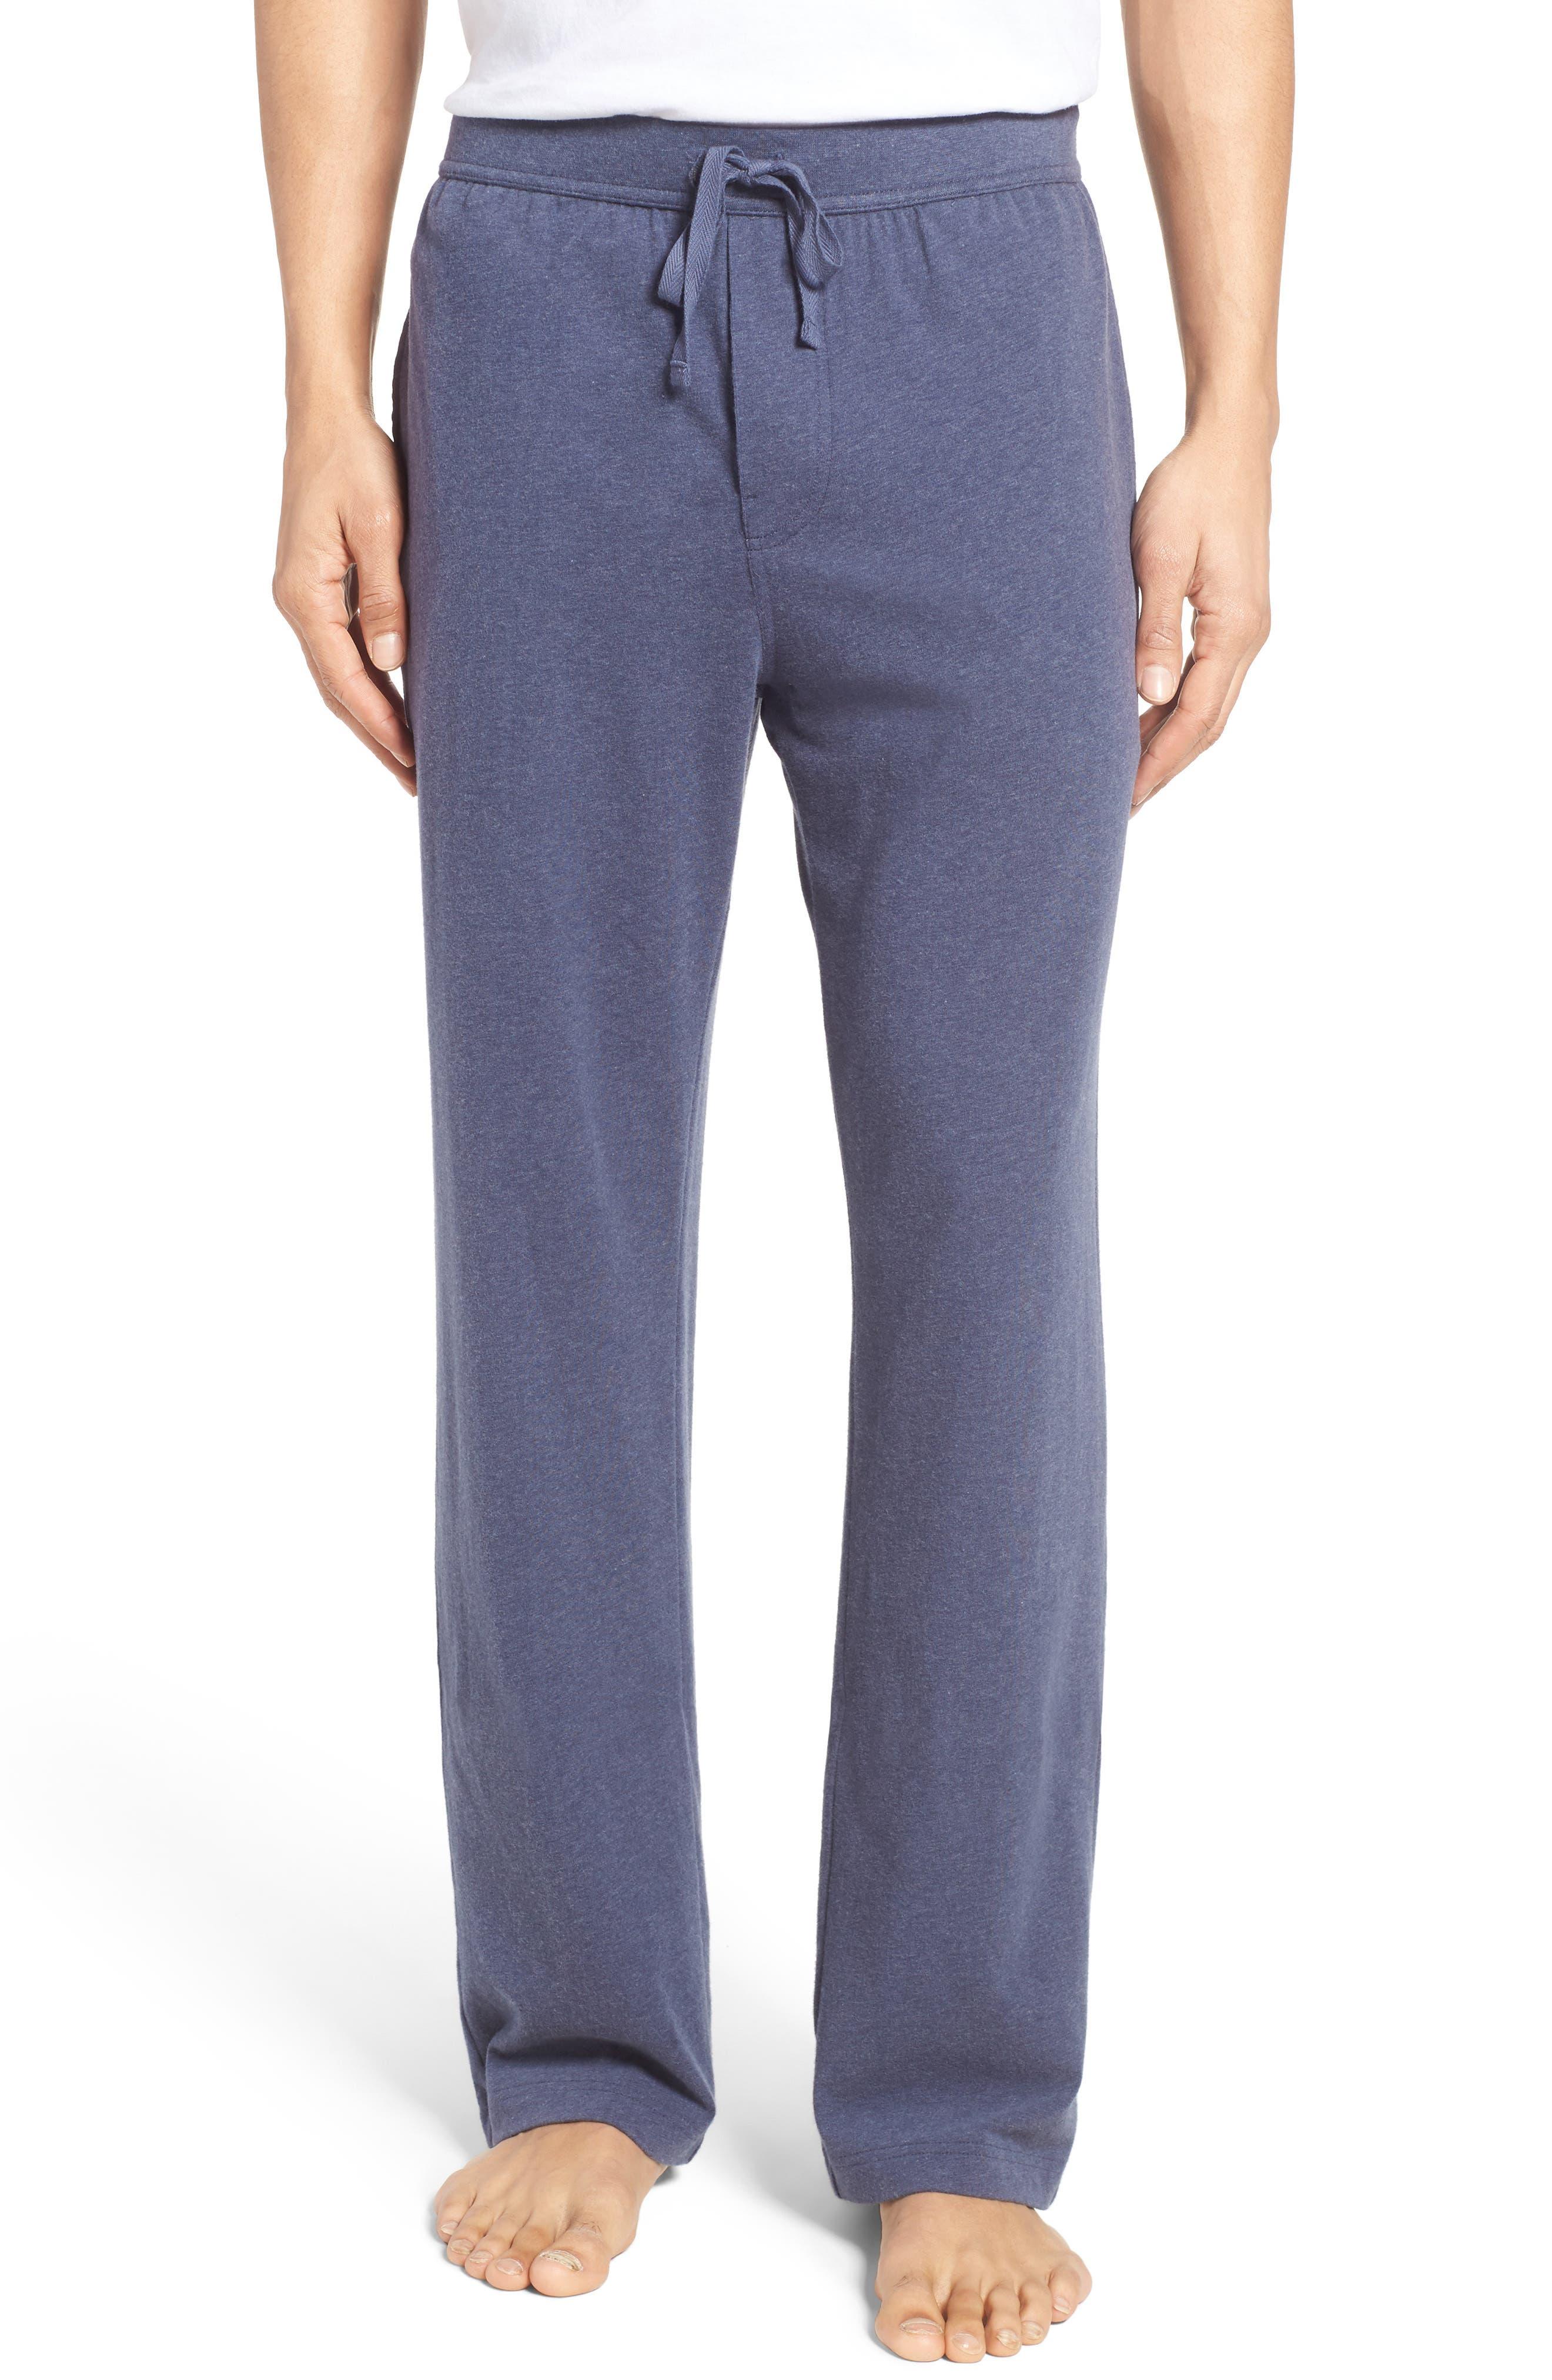 Nordstrom Men's Shop Stretch Cotton Lounge Pants